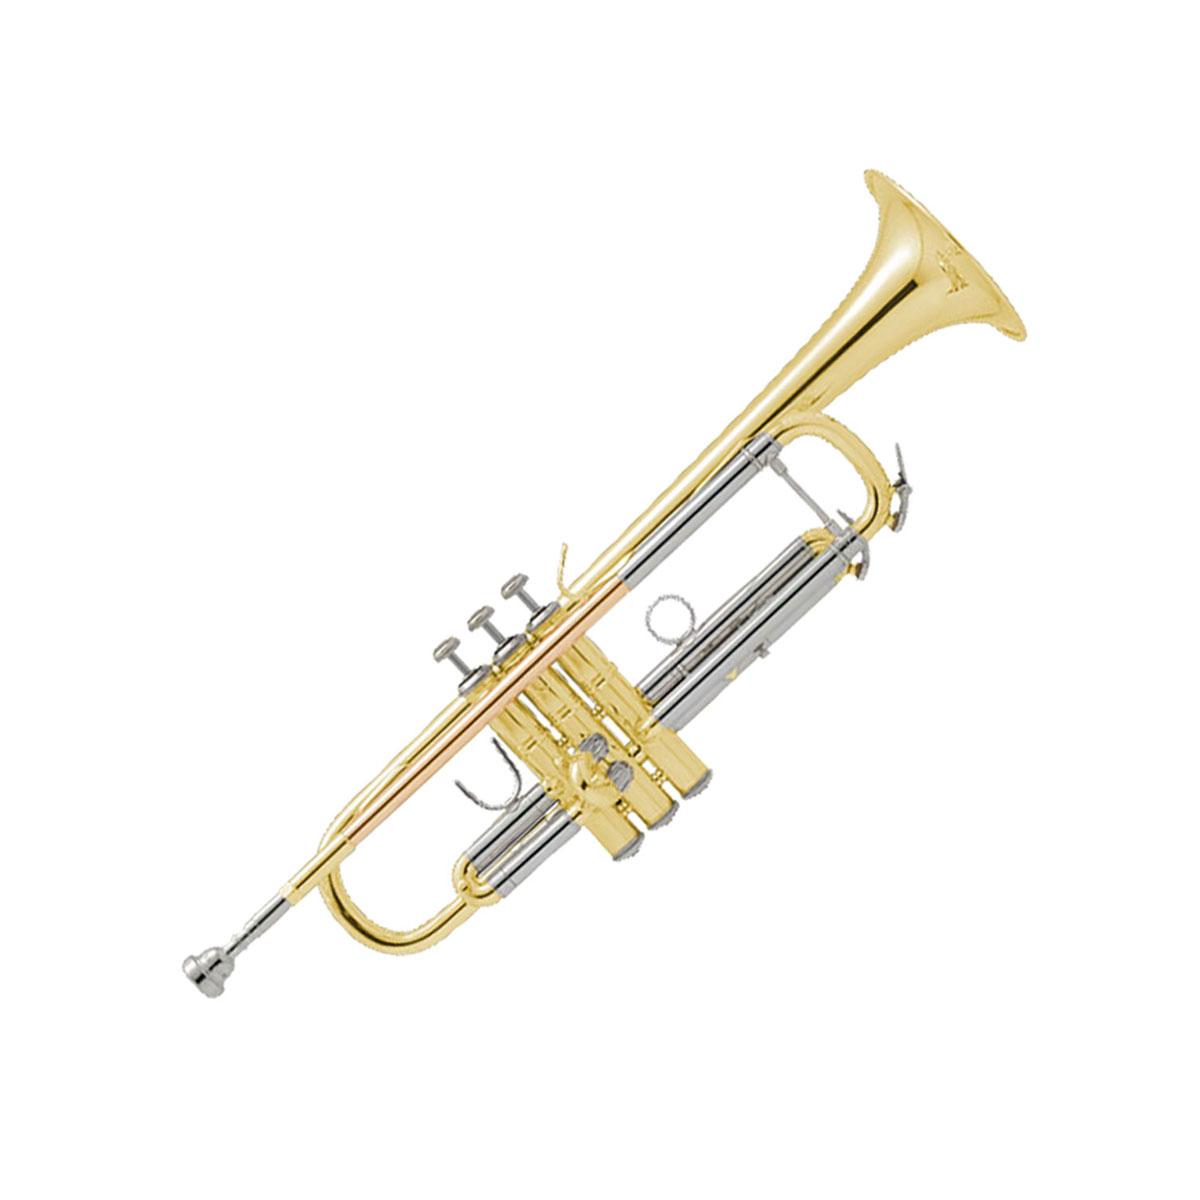 Bach / バックVincent ヴィンセント GL ラッカー仕上げ トランペット B♭【5年保証】